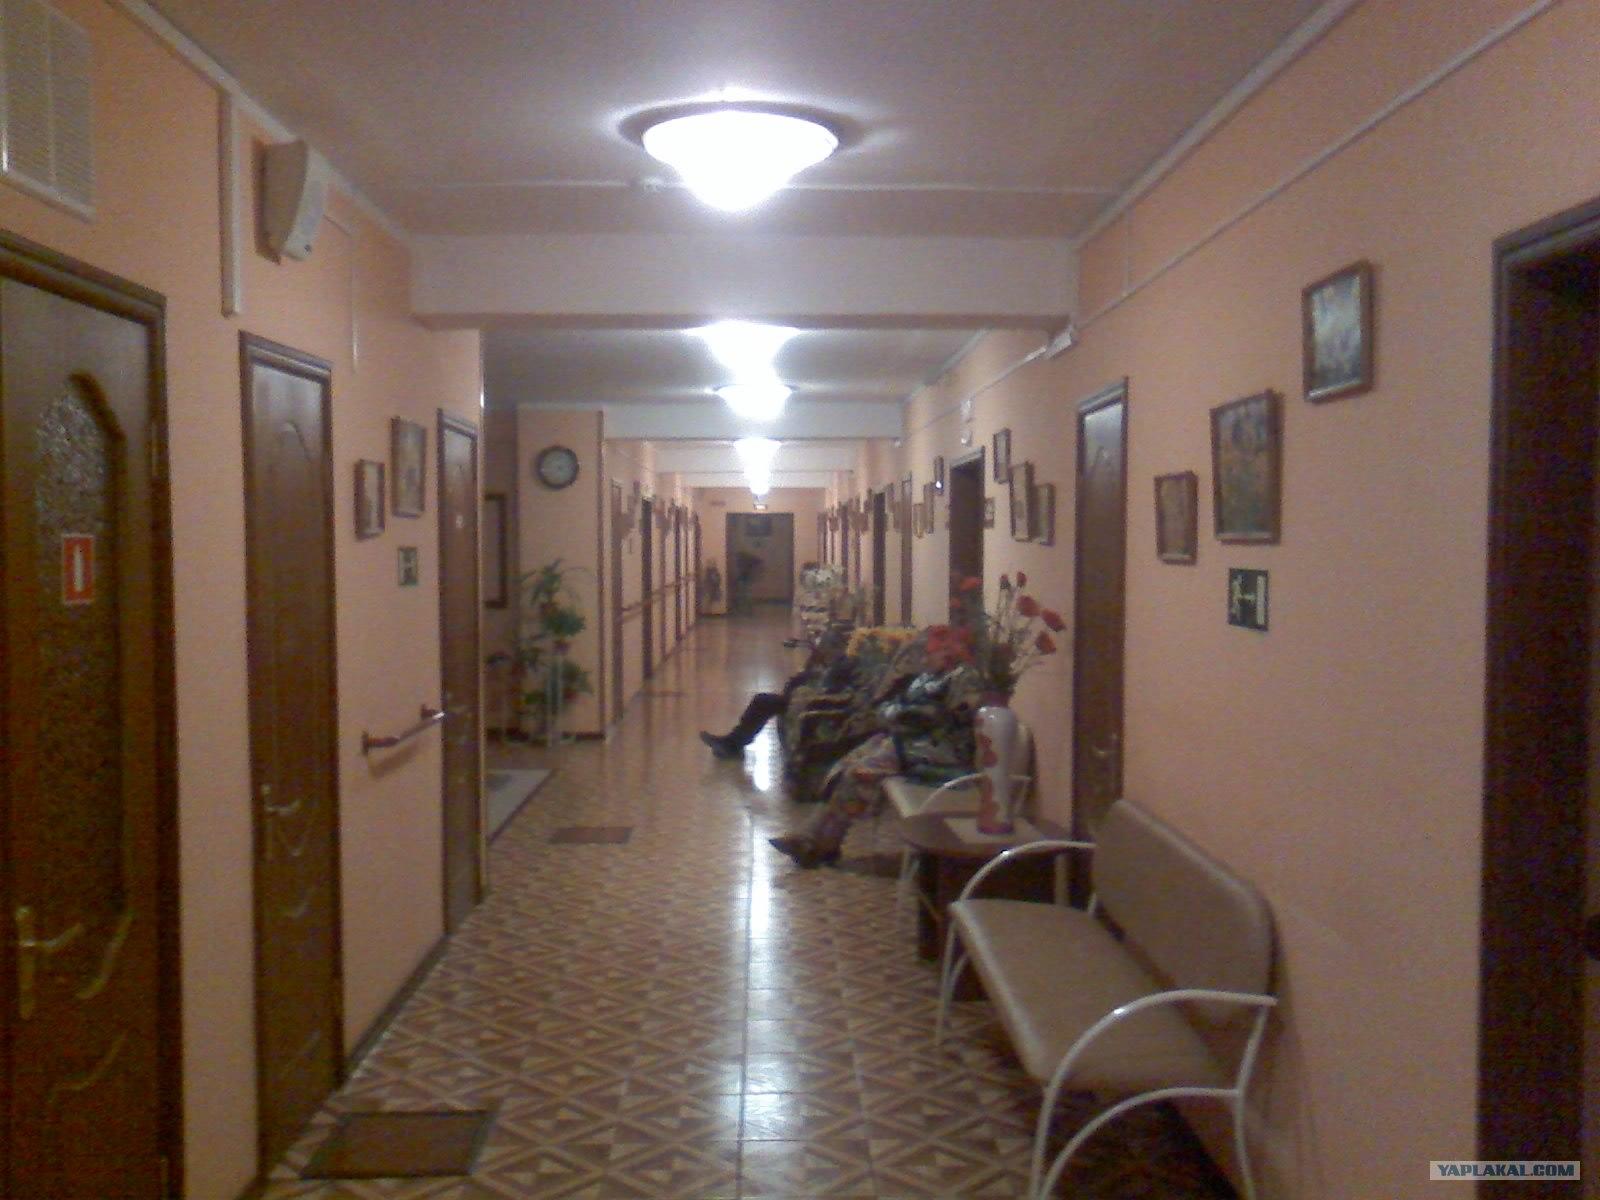 Дома престарелых от москвы сосновский дом-интернат для престарелых и инвалидов с рожок нижегородская область